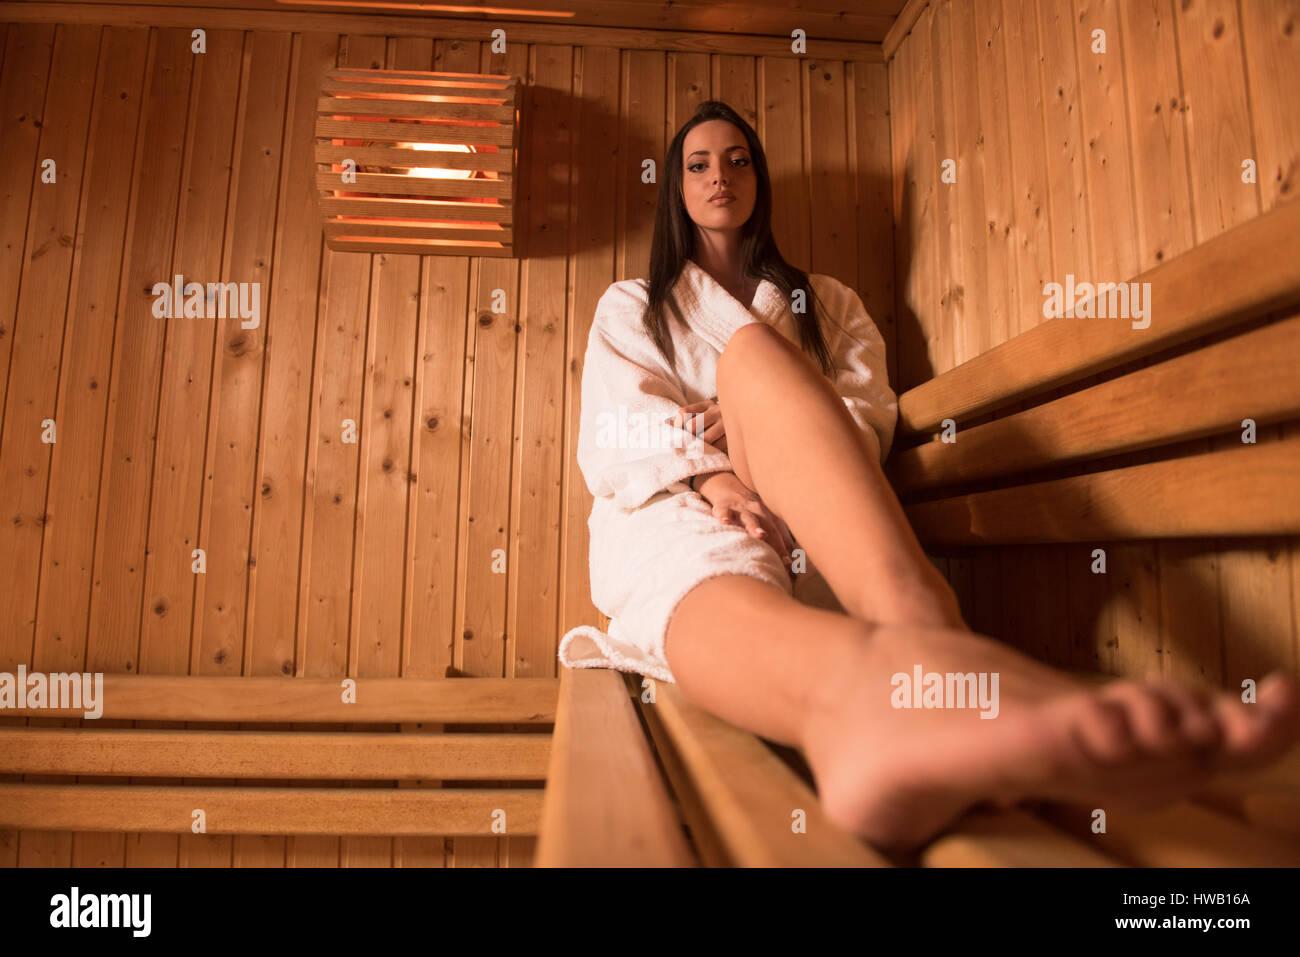 Portrat Von Schone Frau In Der Sauna Entspannen Und Gesund Bleiben